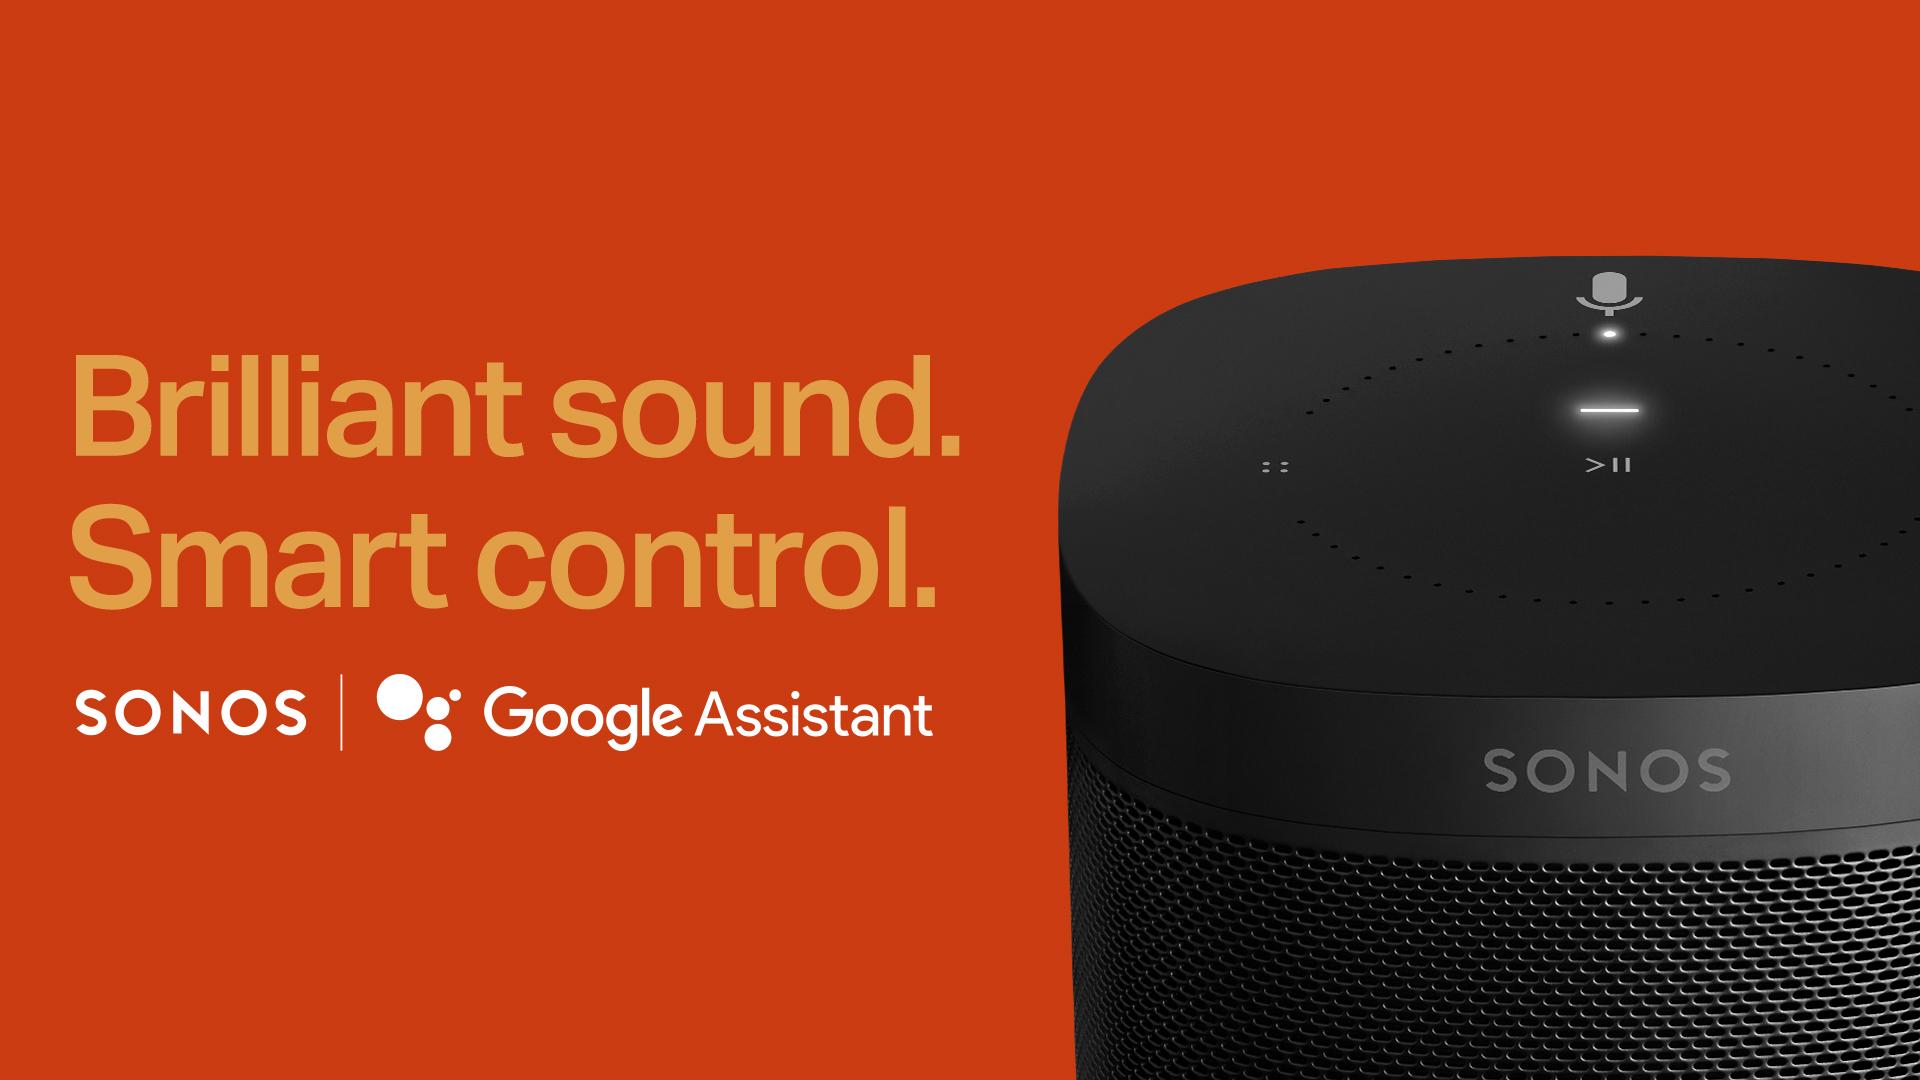 google, assistant, sonos, announcemnet, voice control, canada